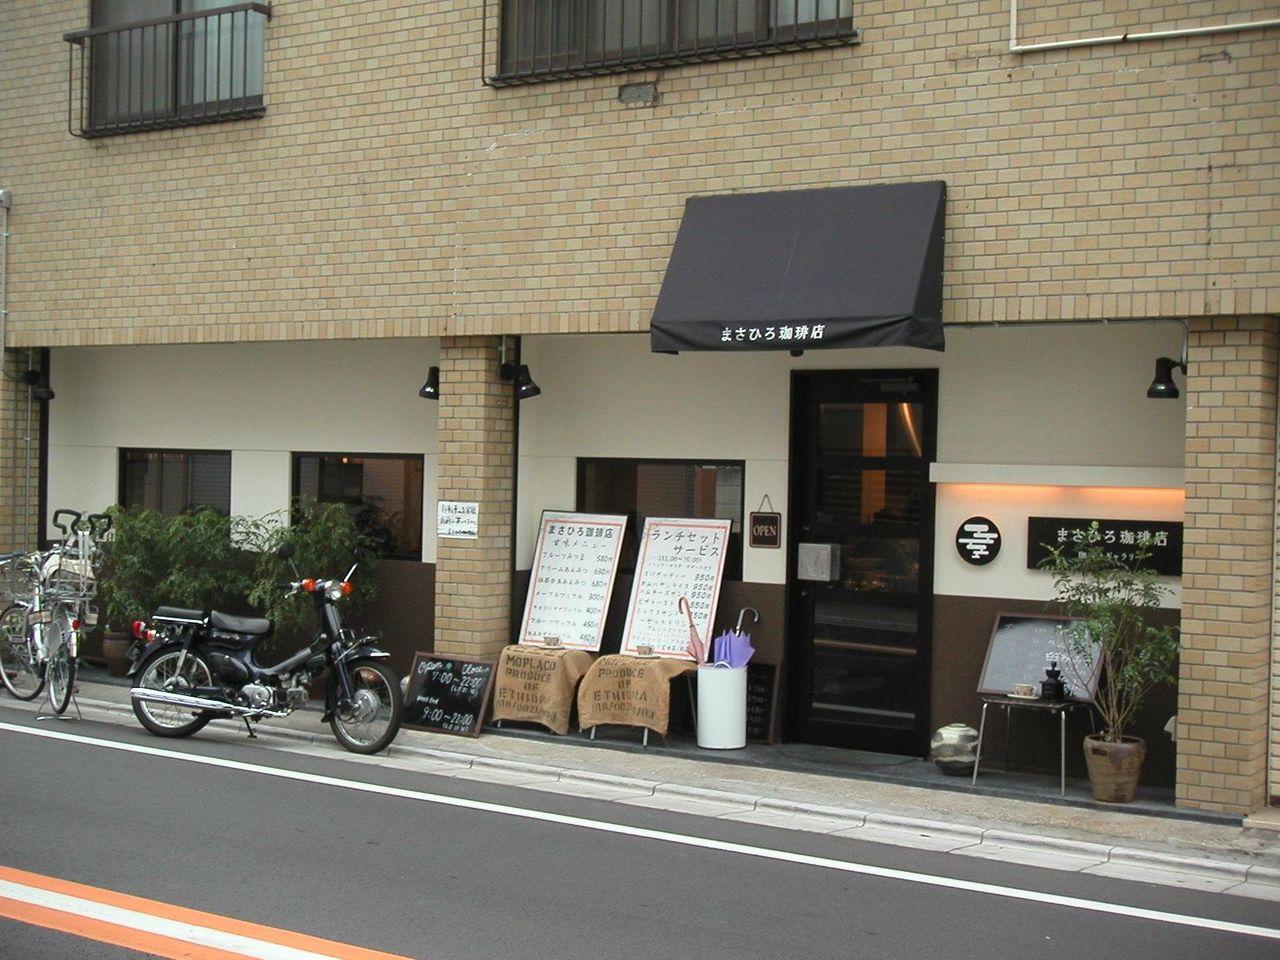 洒落た雰囲気の喫茶店です